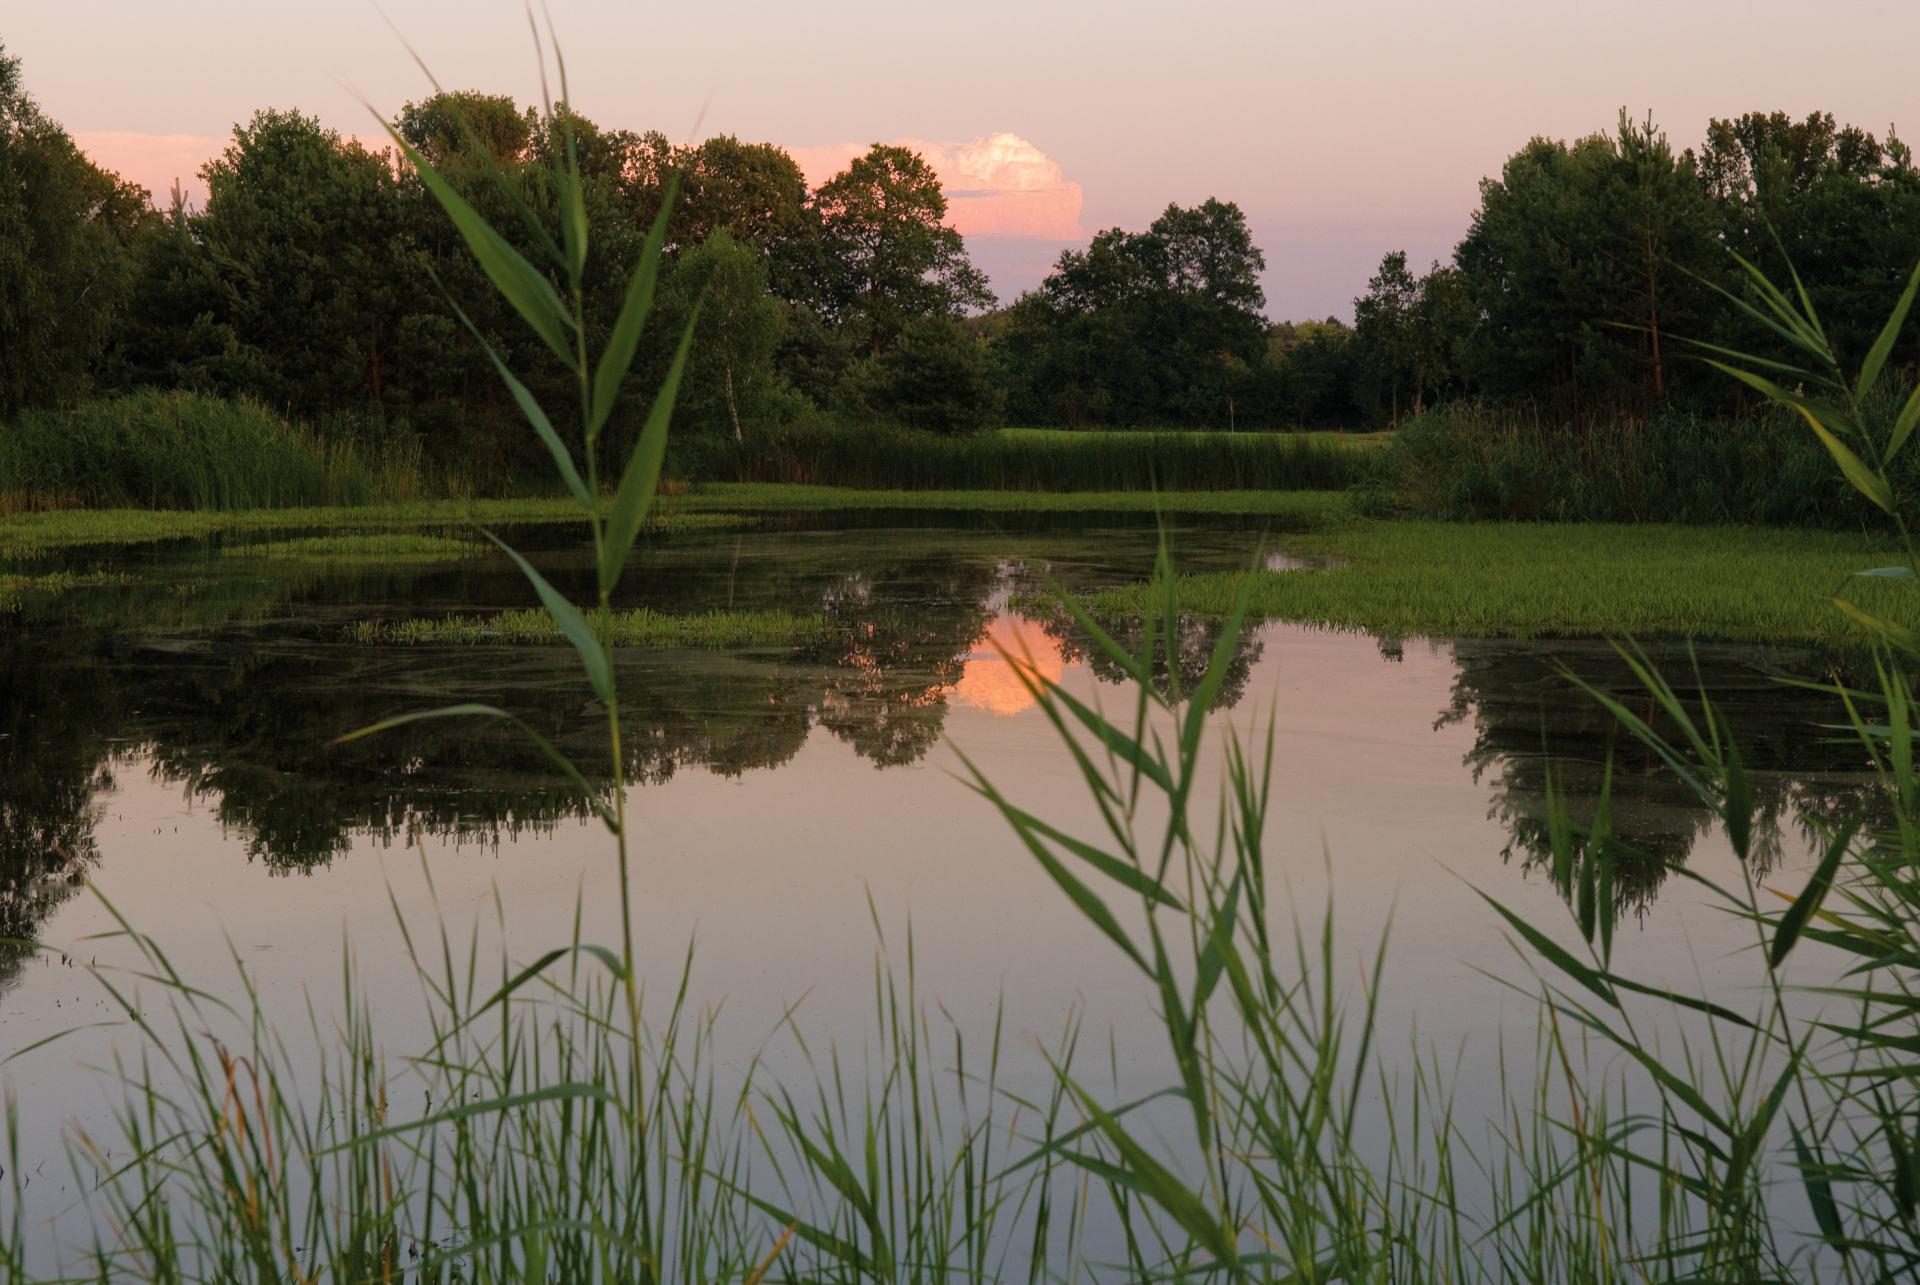 golfen am Abend in den Sonnenuntergang